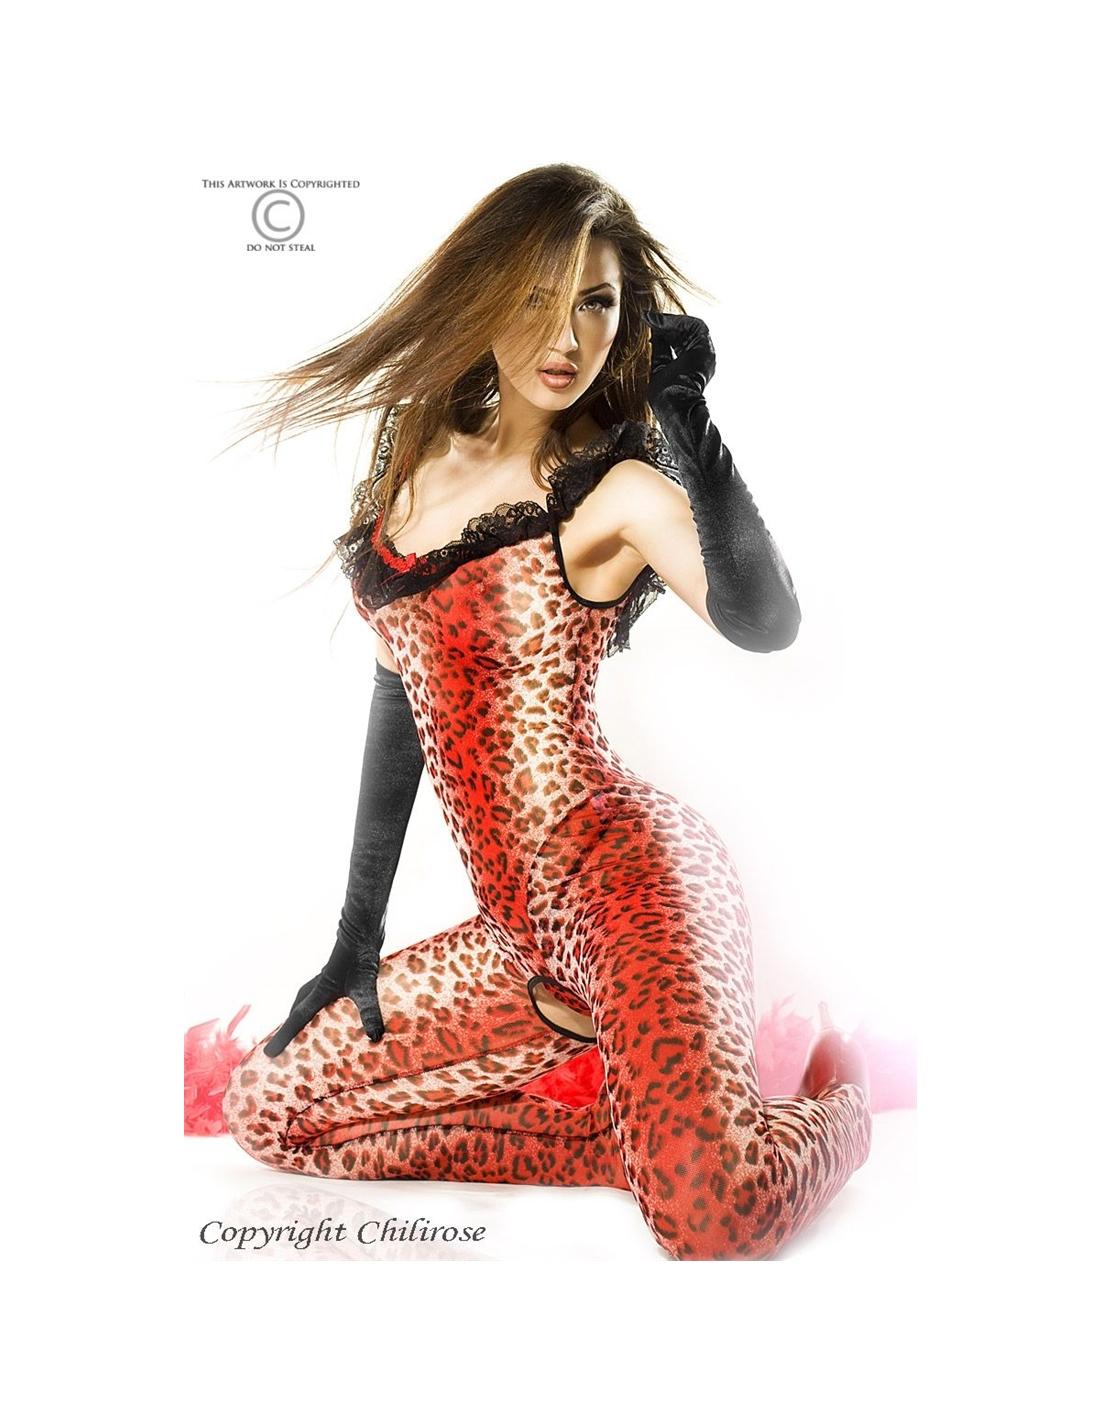 Catsuit E Tanga Cr-3334 Vermelho - 36-38 S/M - PR2010318493